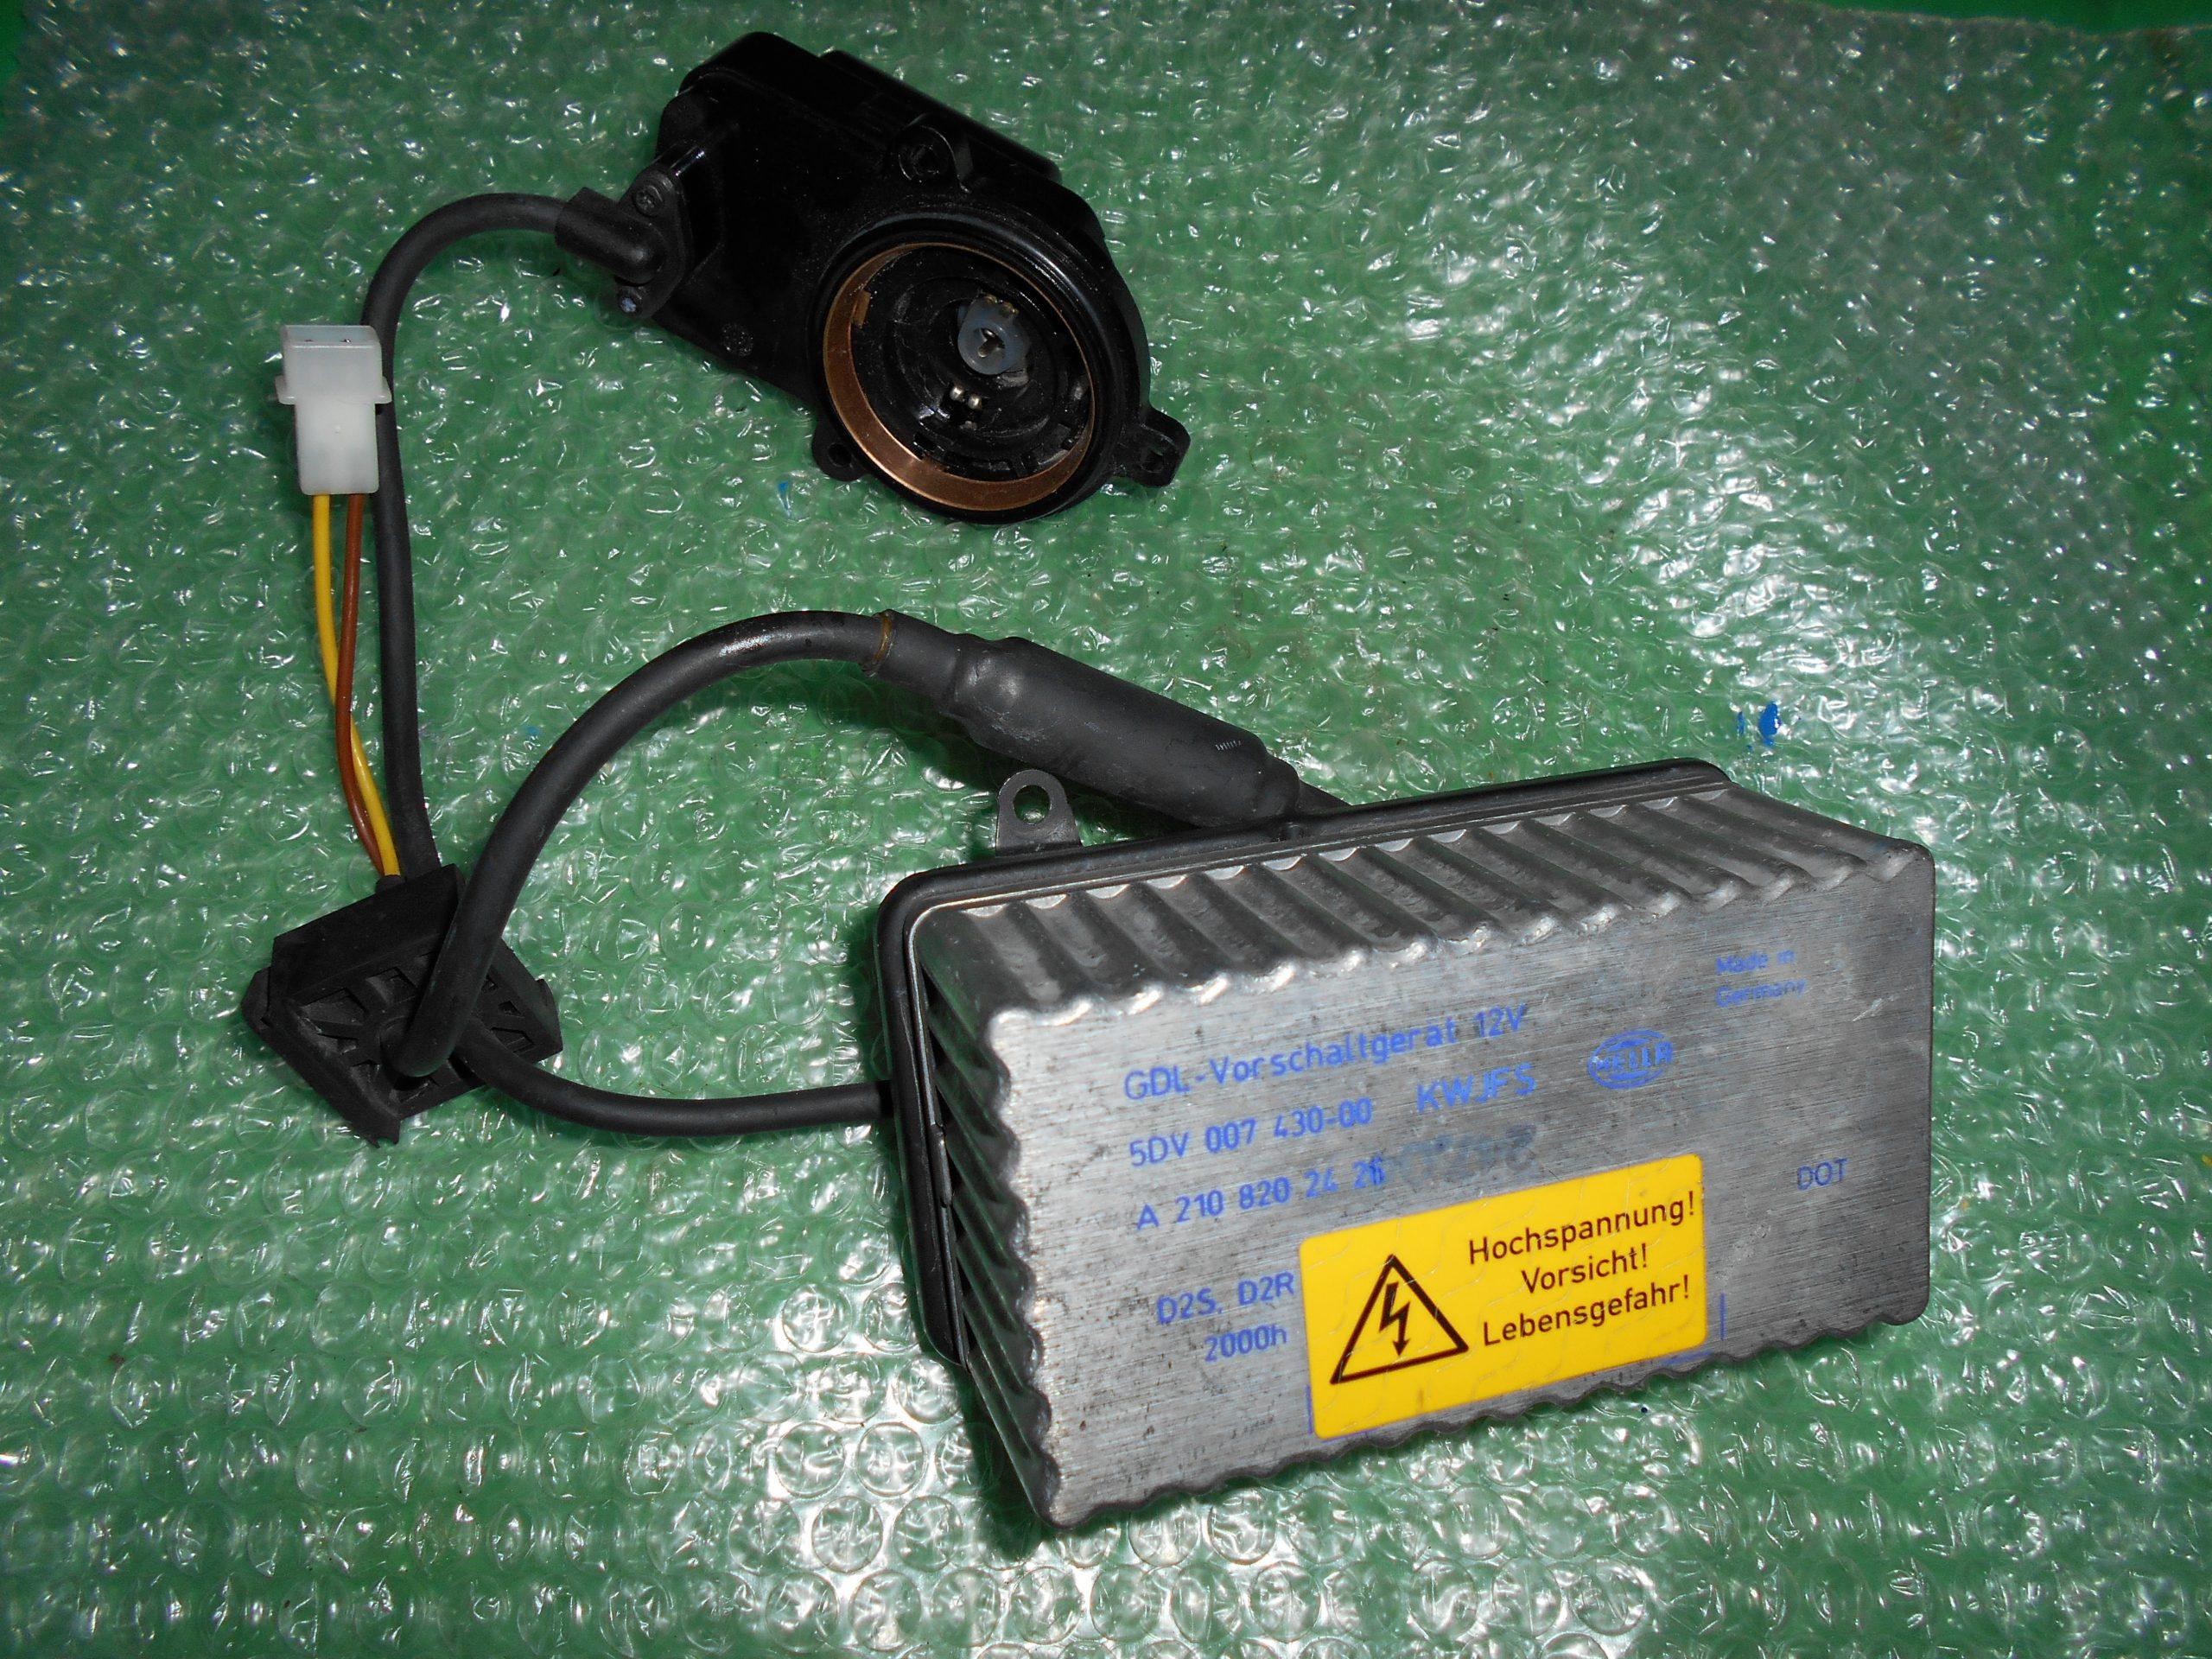 CENTRALITA DE XÉNON A2108202426 – HELLA 5DV007430 MERCEDES BENZ CLASE E (W210)(1998-2004)